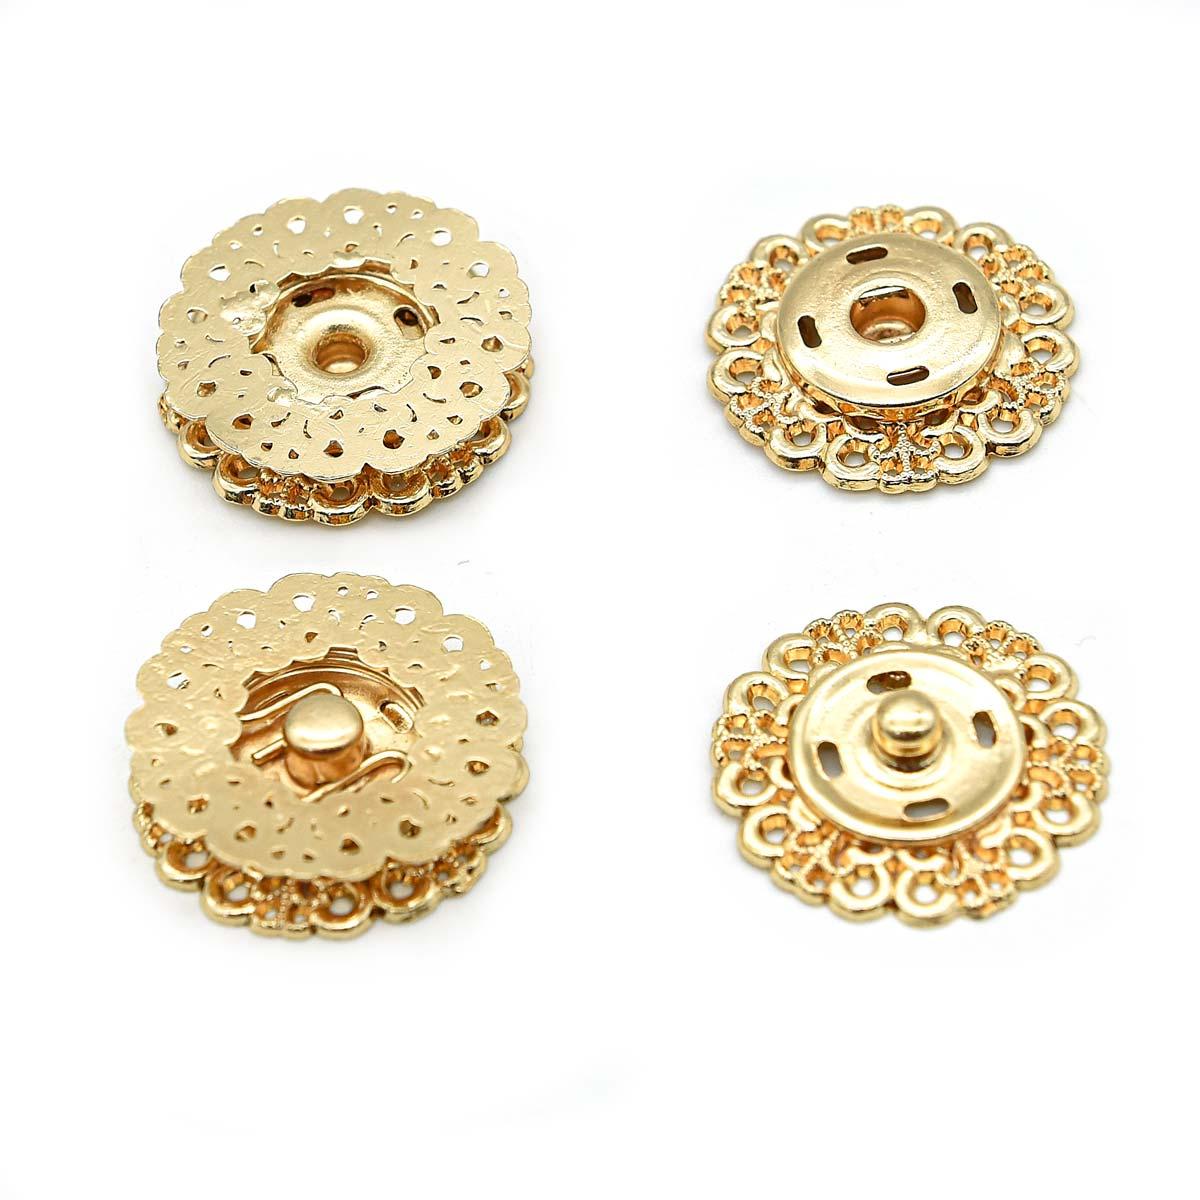 ГЖ2722 Кнопка пришивная, золото, 23 мм, упак./3 шт., Hobby&Pro